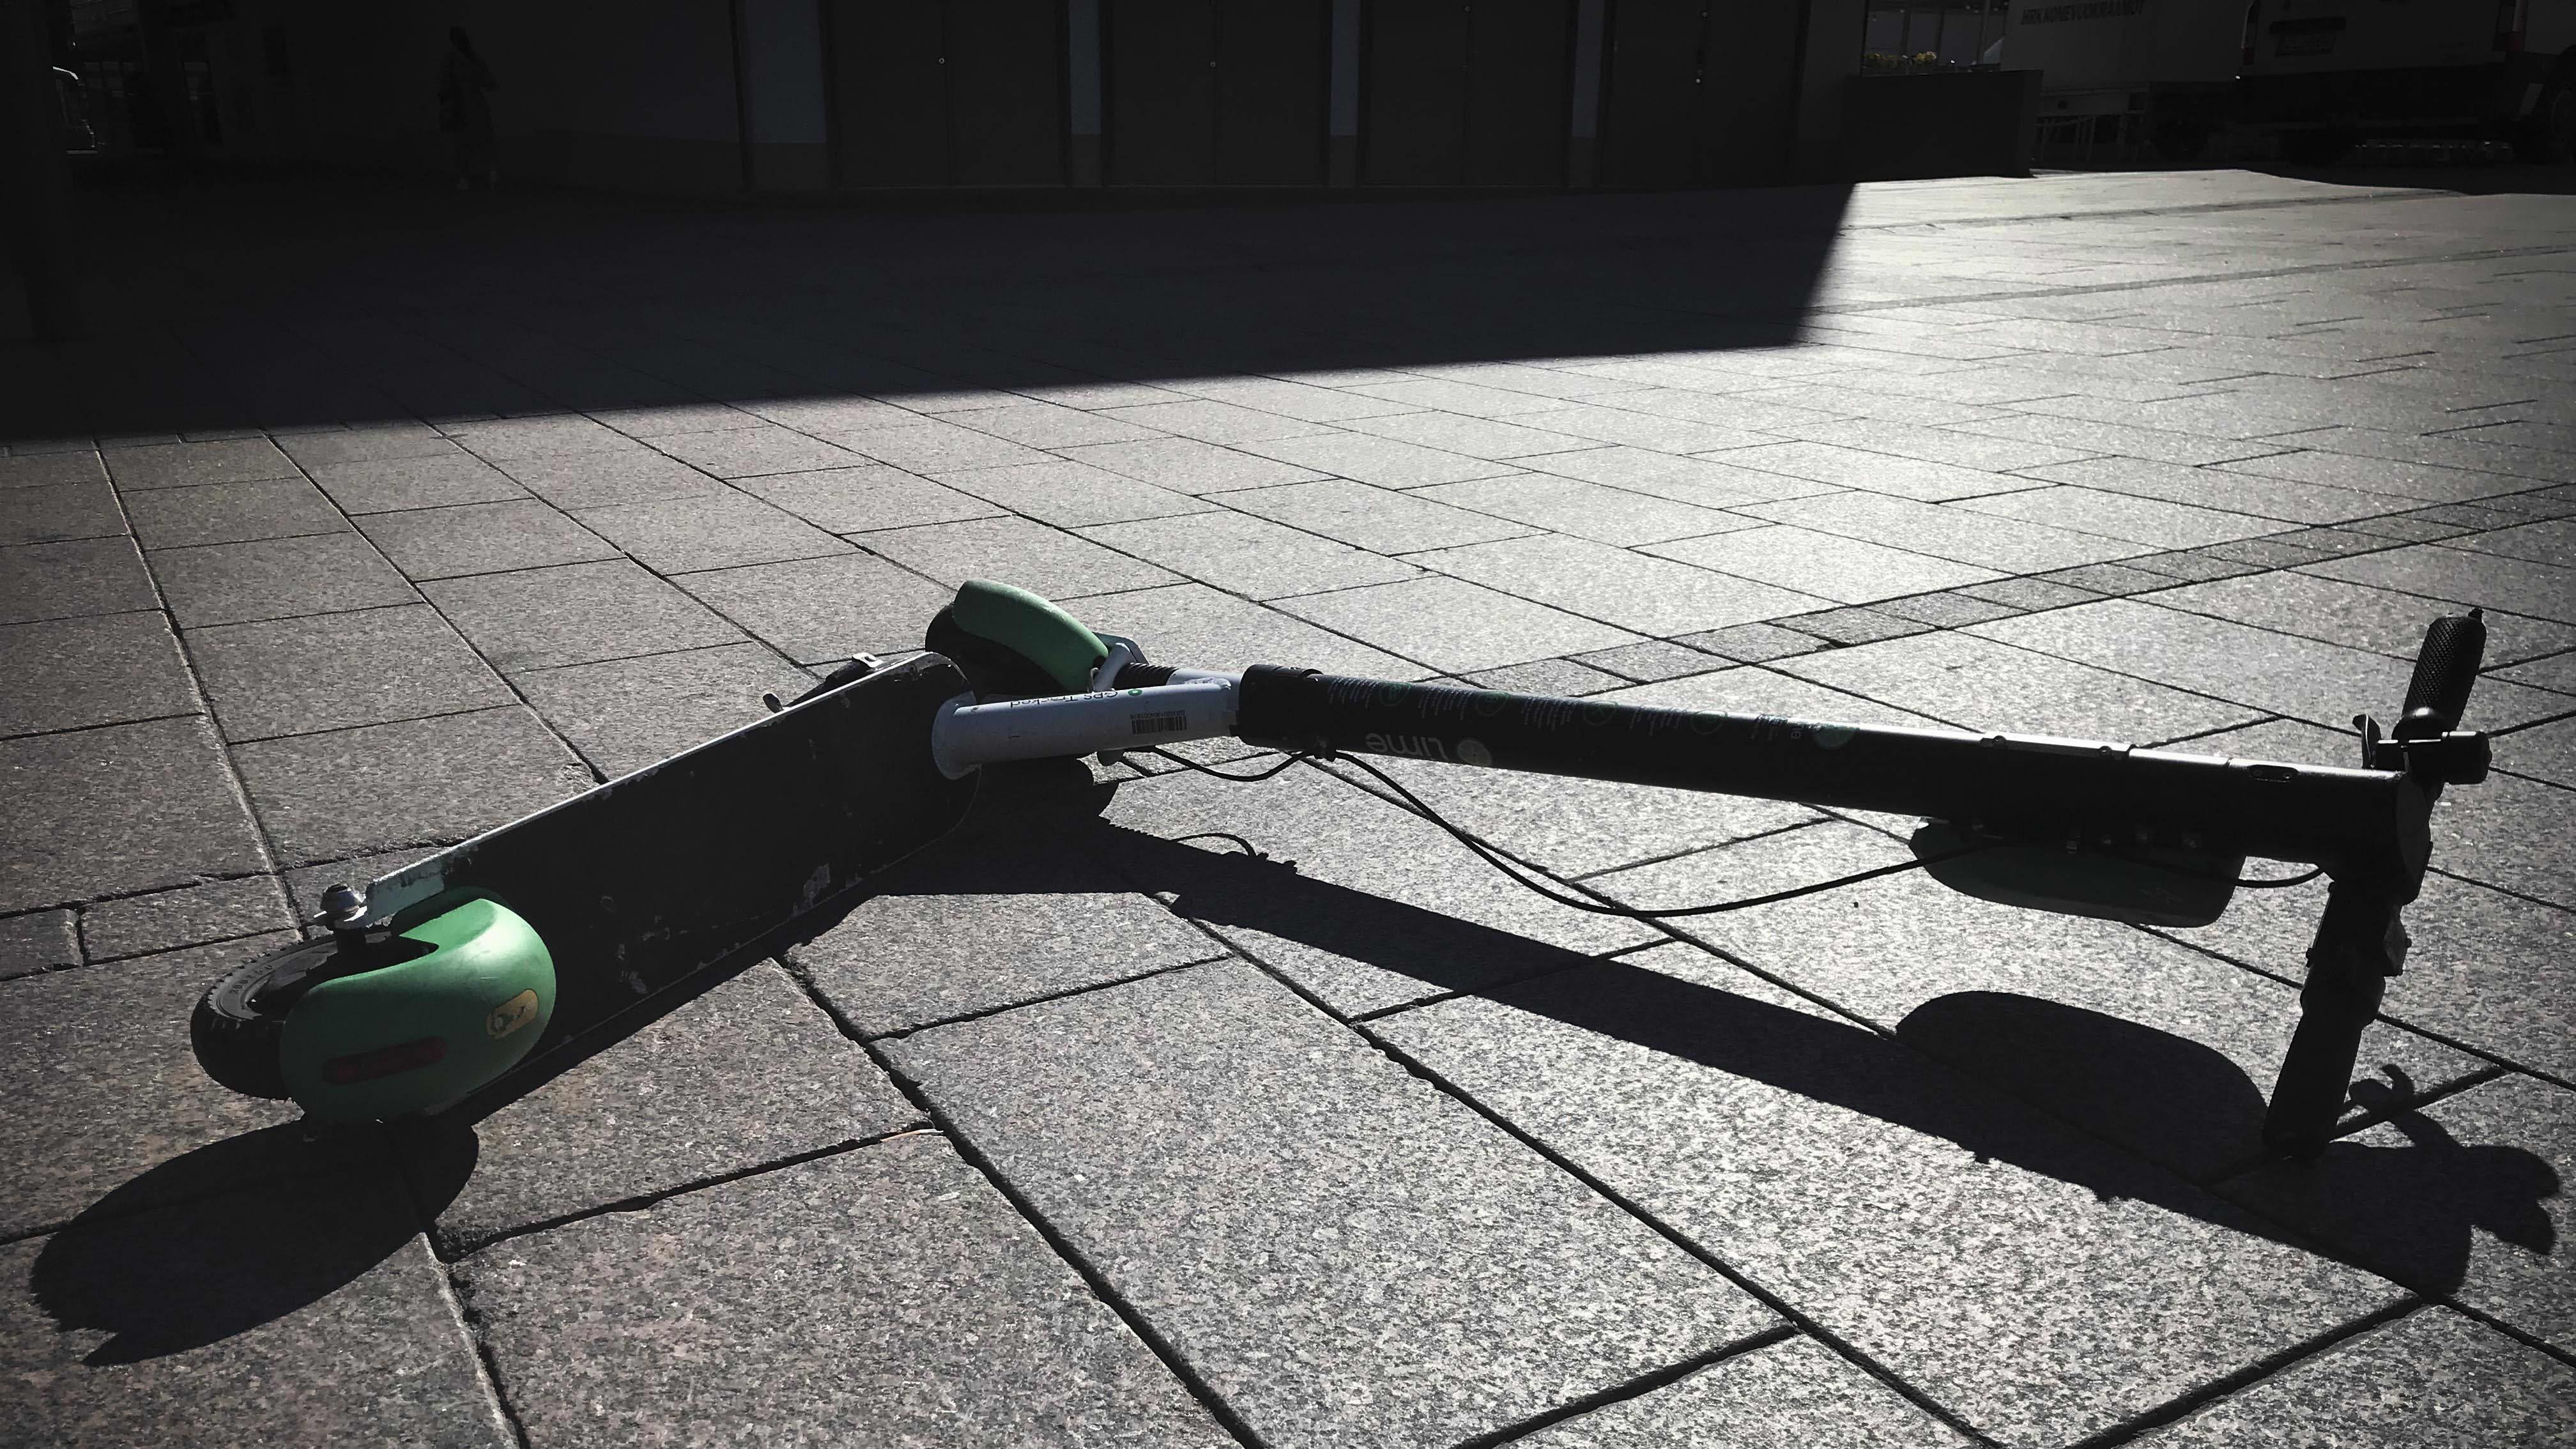 Sähköpotkulauta katukivetyksellä Narinkkatorilla Helsingissä heinäkuisena aamupäivänä.